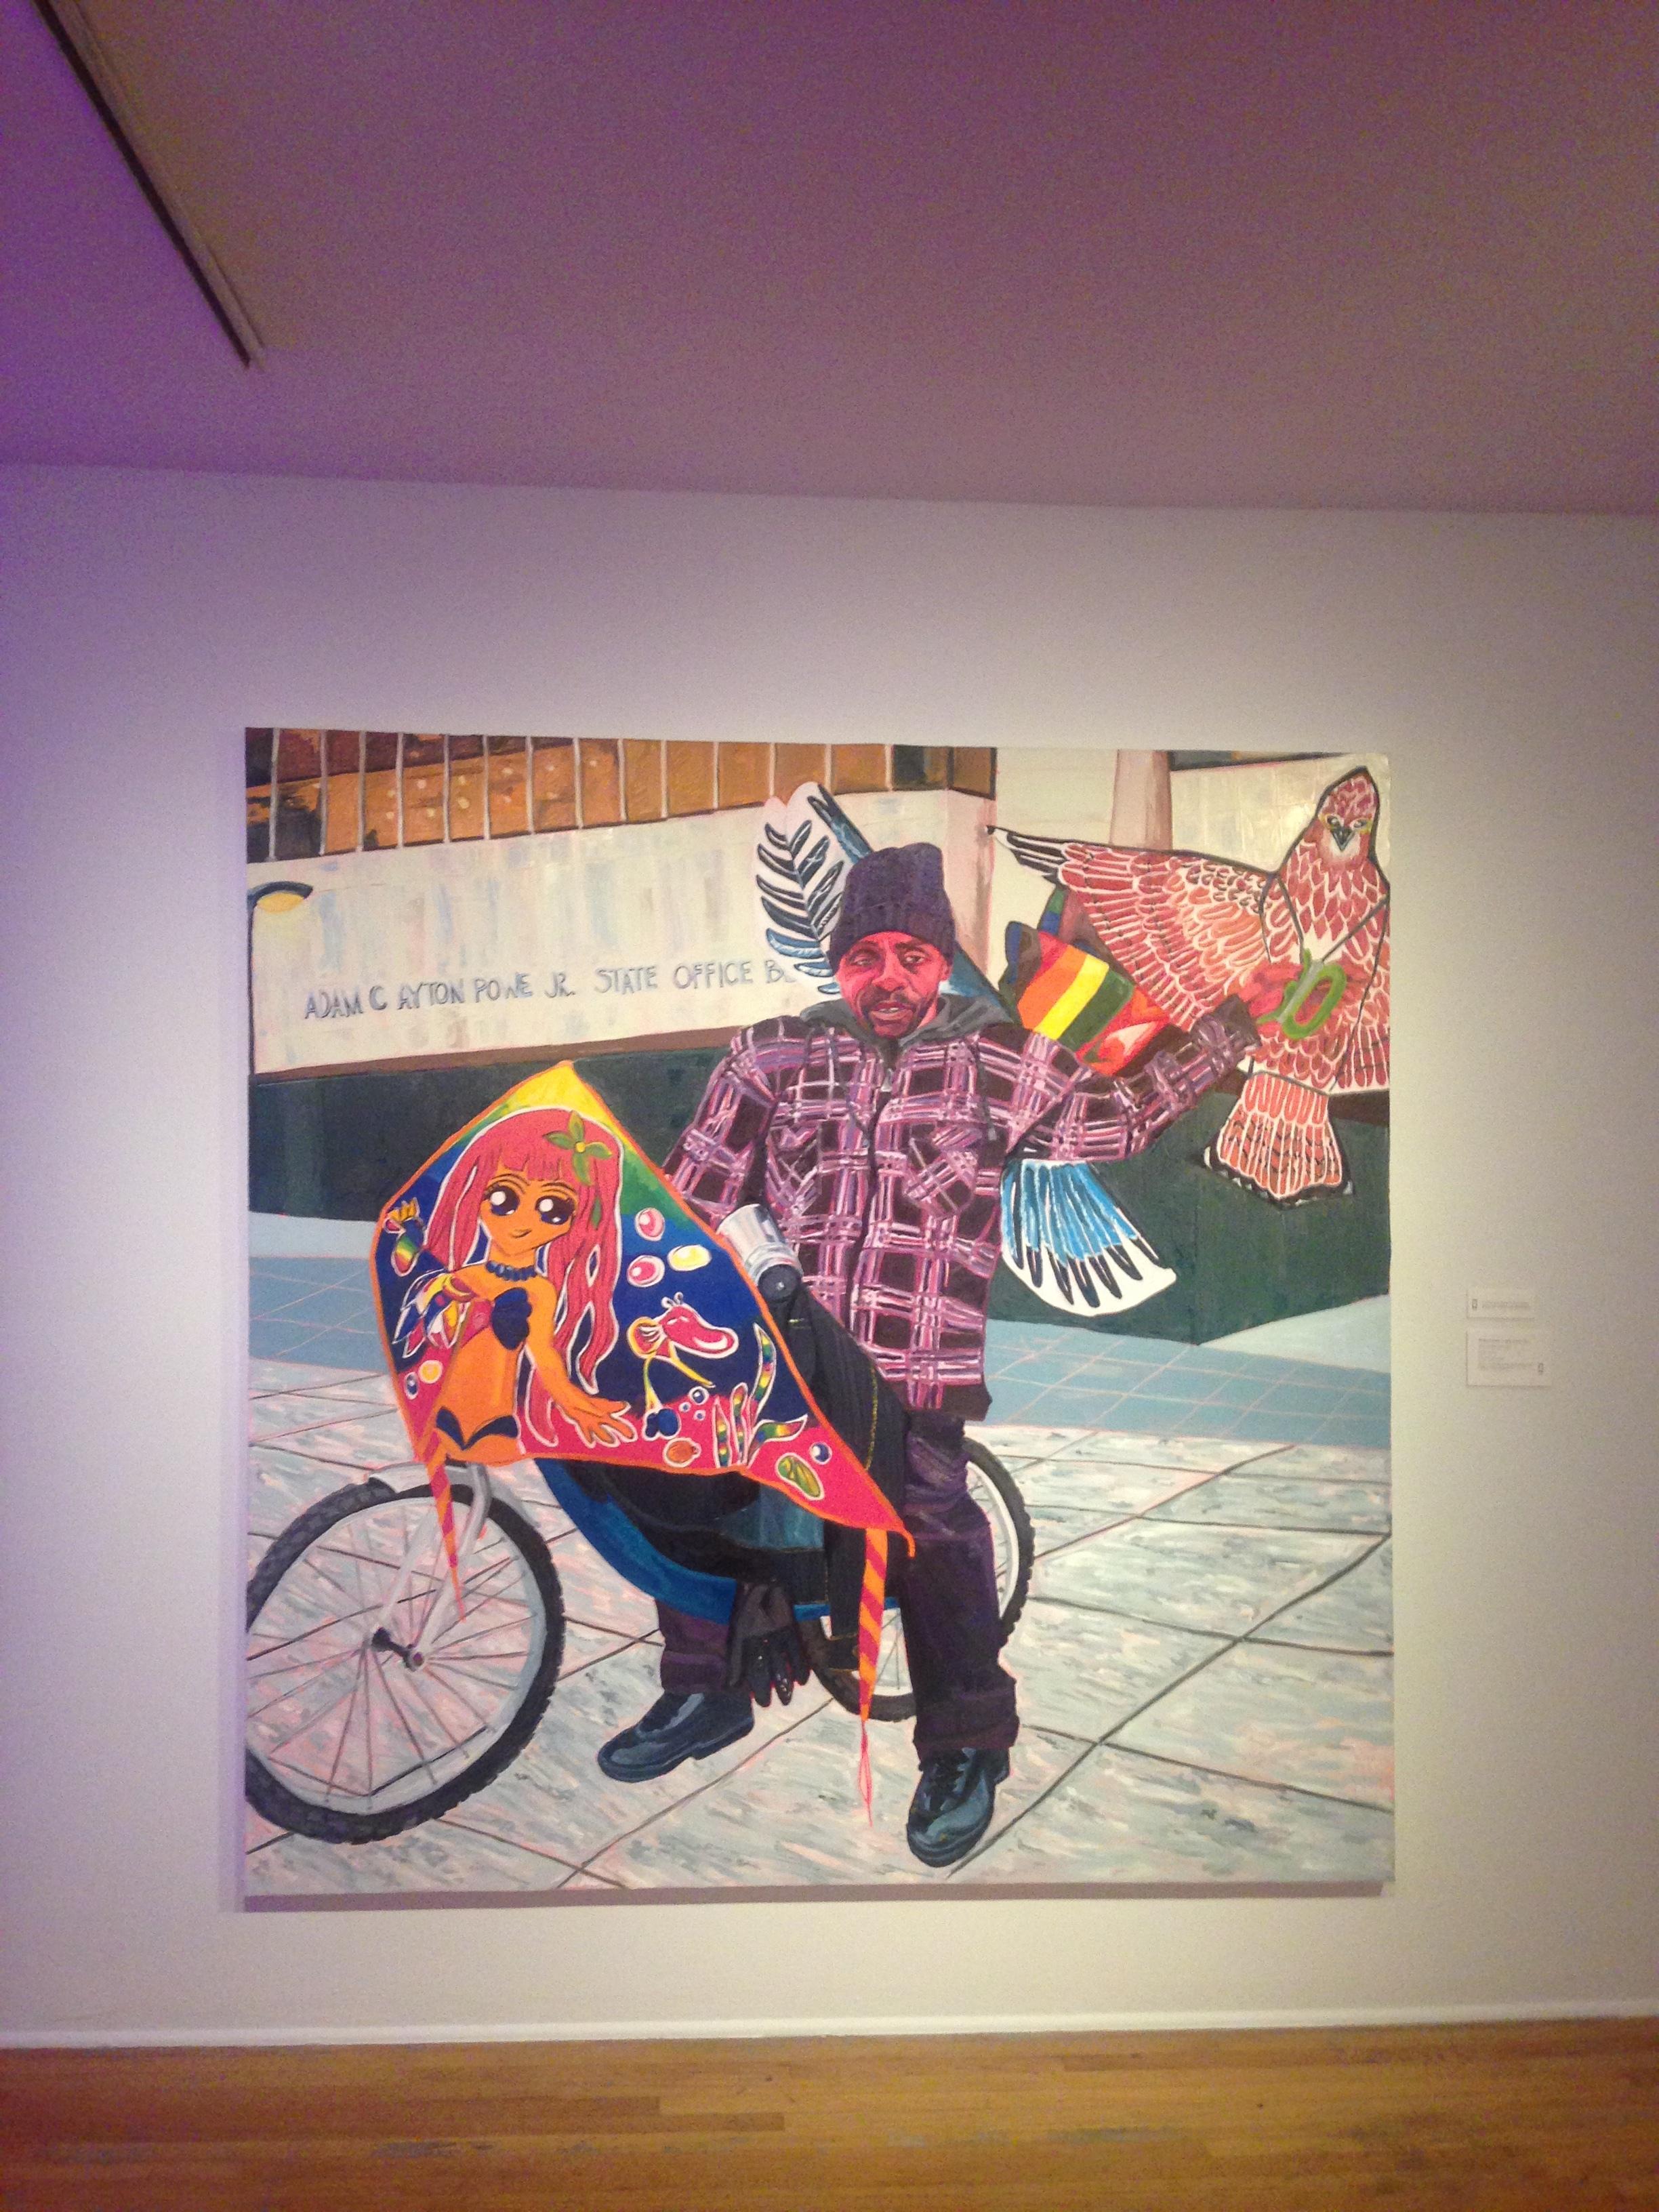 'Kevin the Kiteman', Jordan Casteel, part of 'Tenses', Studio Museum in Harlem, August 2016.